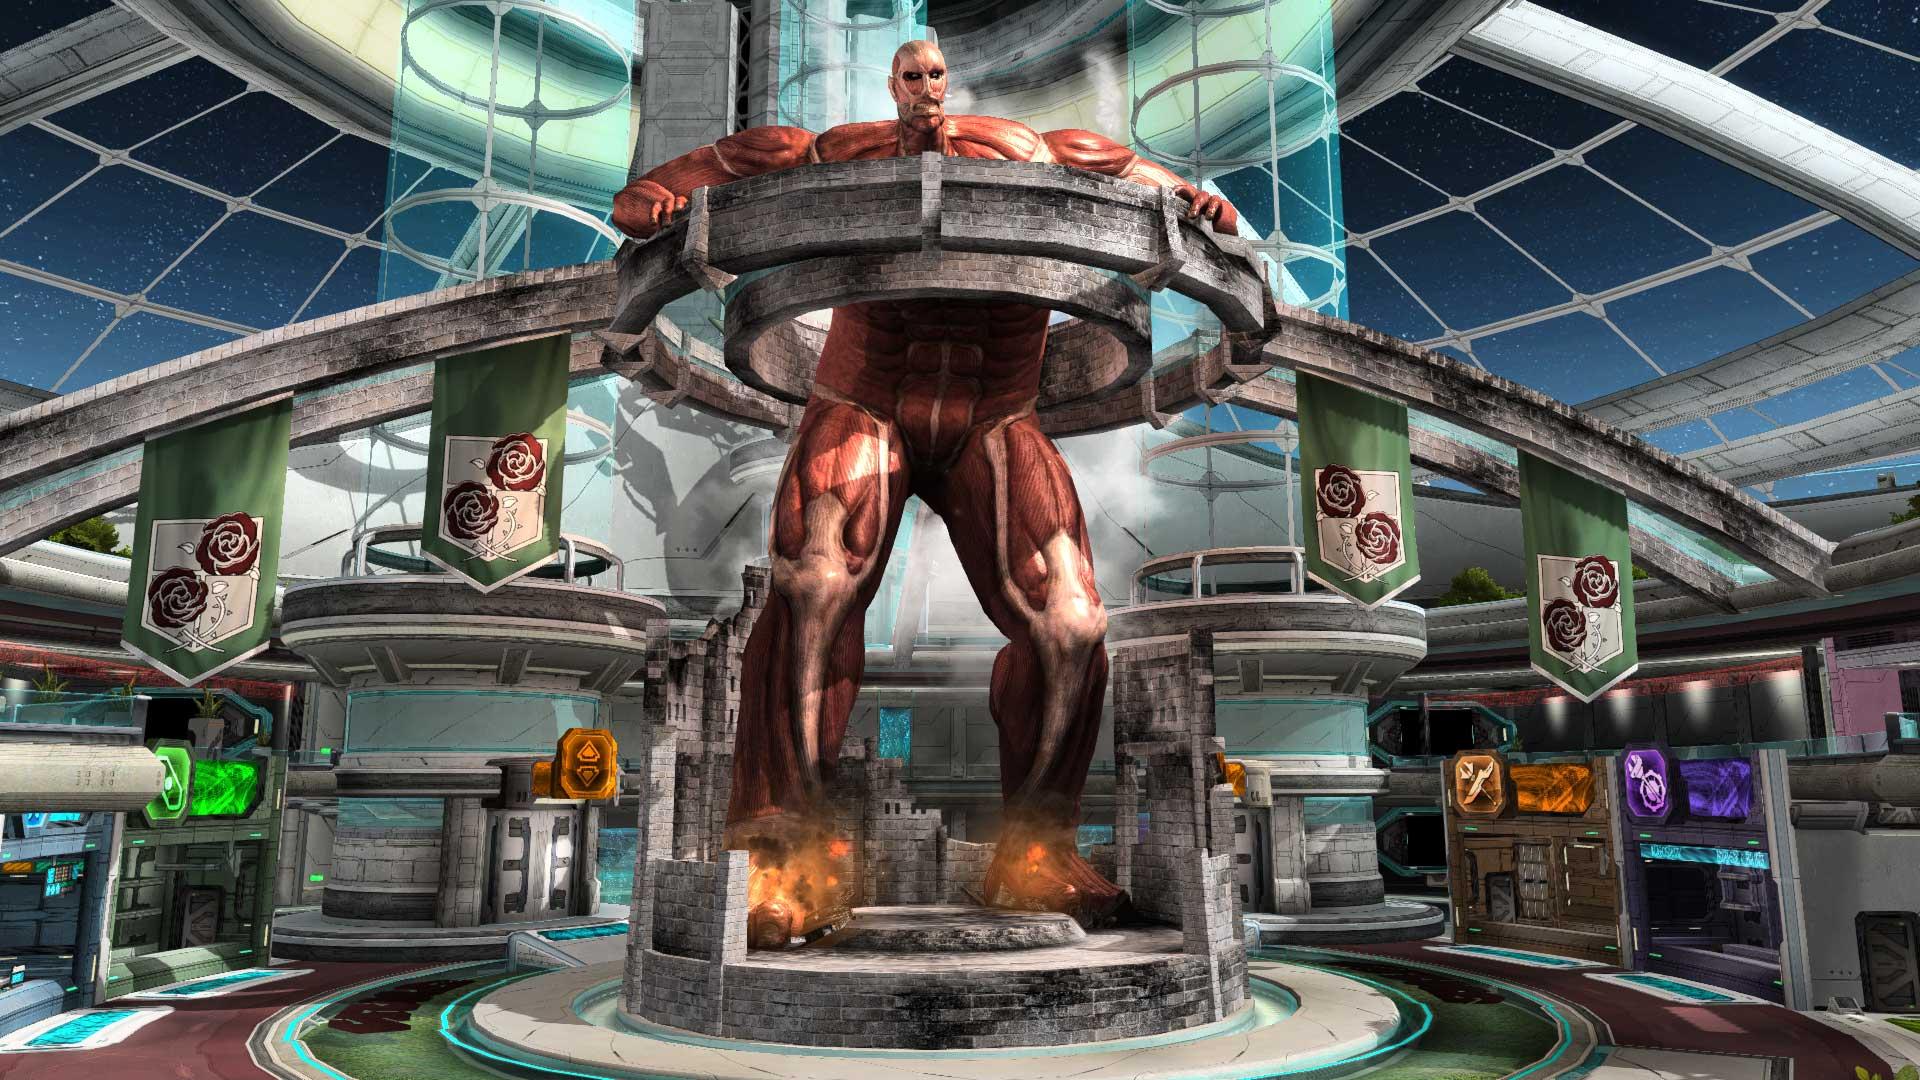 画像集 007 ファンタシースターオンライン2 人気コミック 進撃の巨人 とのコラボレーションが3月26日に実施 超大型巨人がロビーに出現 4gamer Net